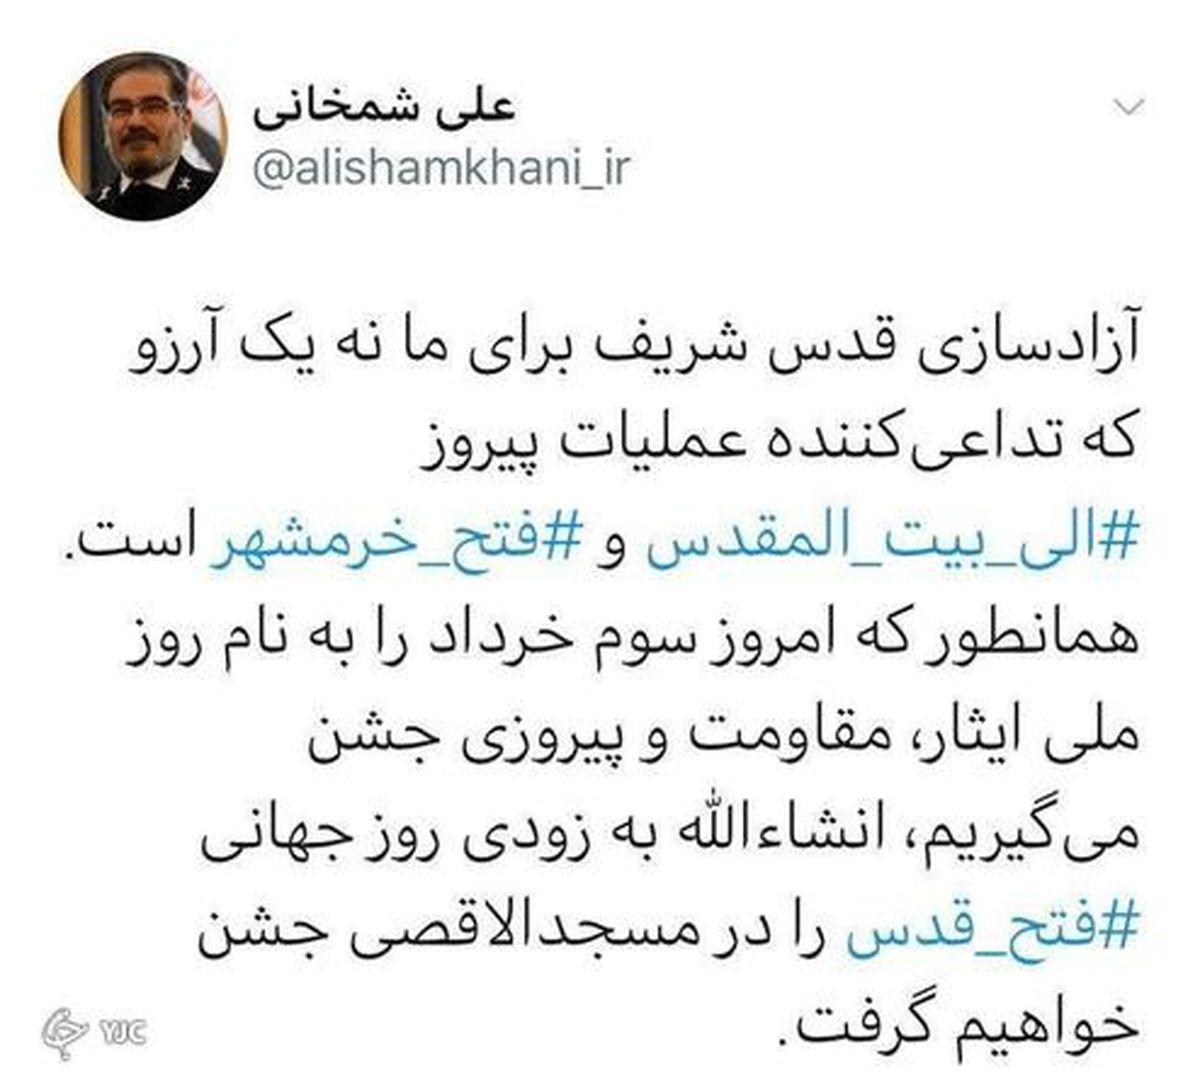 روز قدس و مسئولان/شمخانی: آزادسازی قدس تداعی کننده فتح خرمشهر است